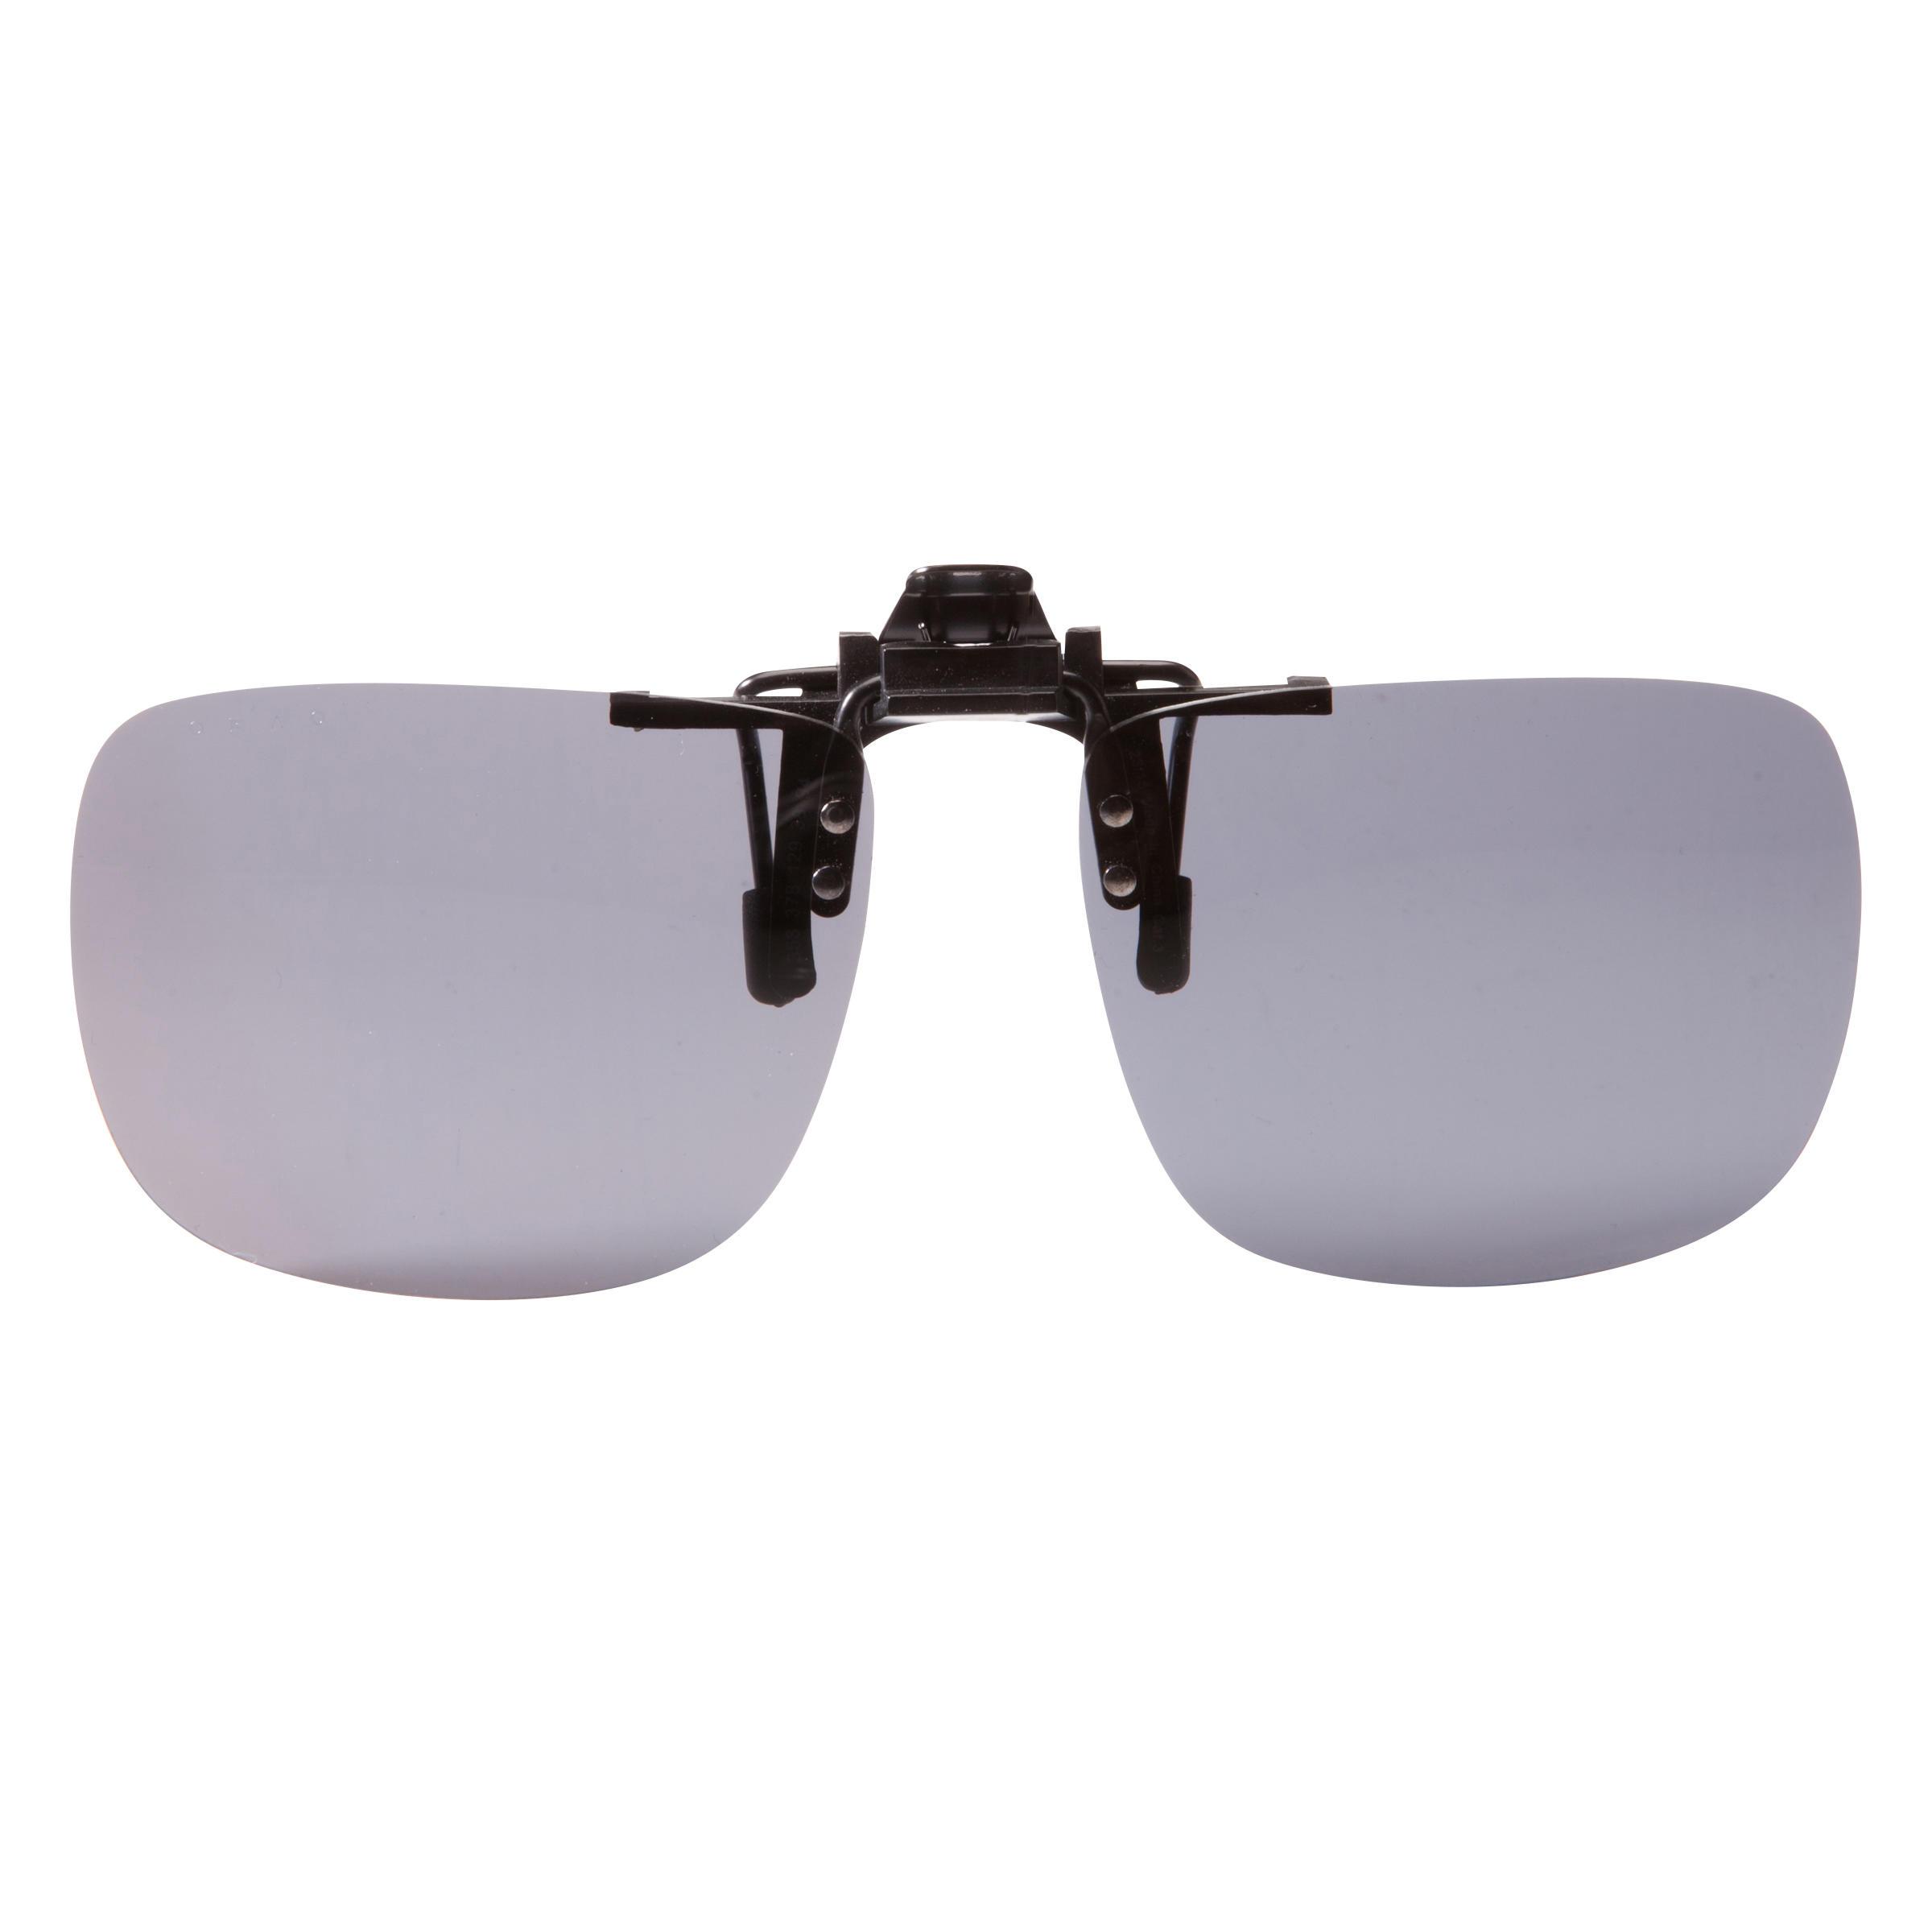 5369dabd3c Clip adaptable para gafas de vista MH OTG 120 L polarizado categoría 3  Quechua | Decathlon